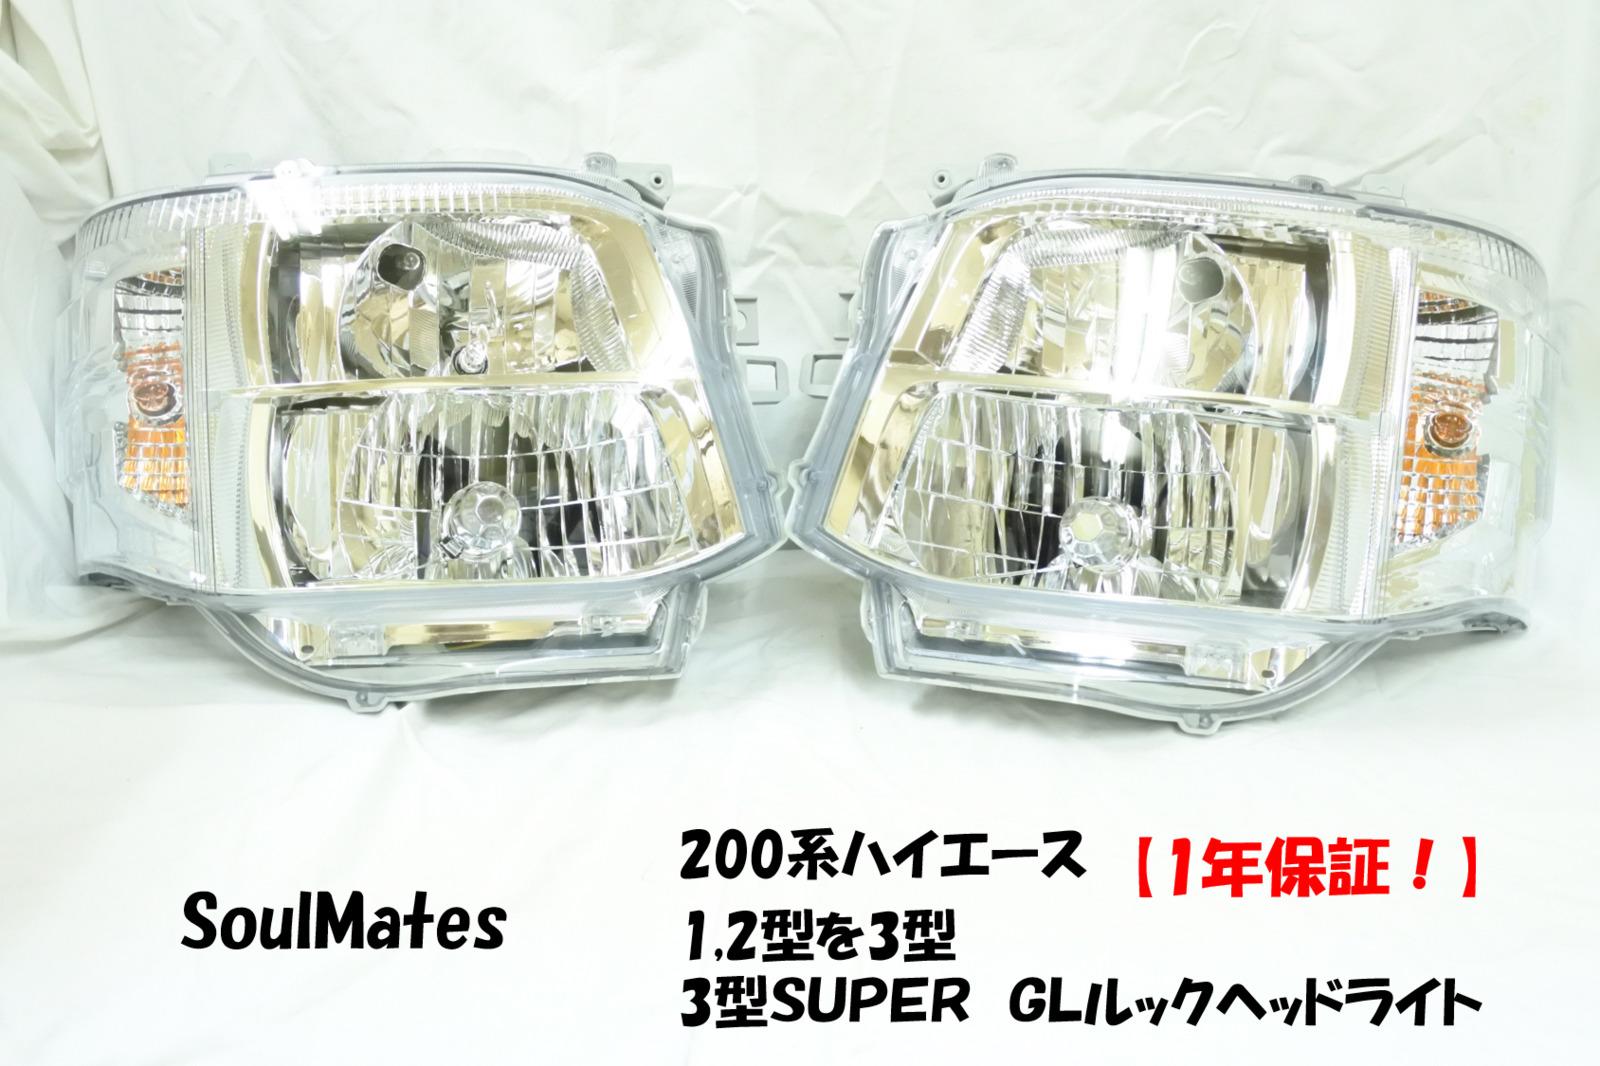 Soulmates ソウルメイツ品番 GT-T01200系ハイエース・1,2型を3型に!3型SUPER GLルックヘッドライト変換ブラケット gt-t03-1 が必要になります。【顔面チェンジ】